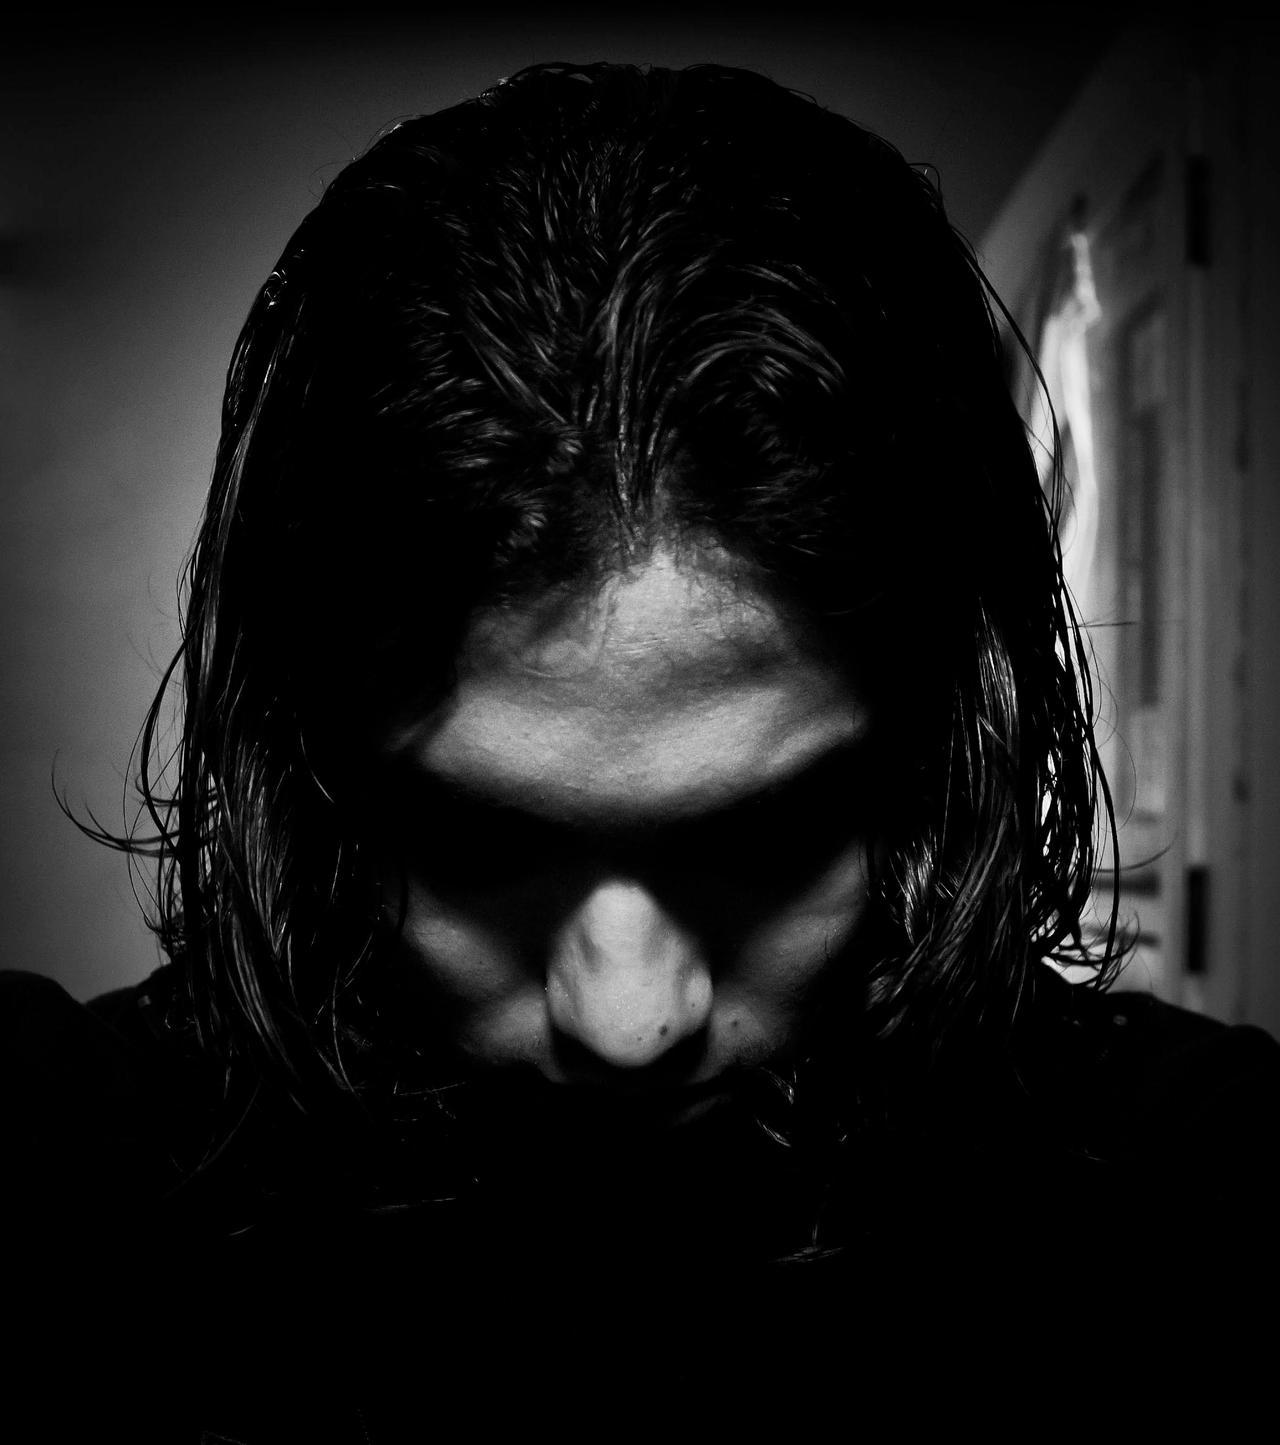 The dark side by siddhartha19